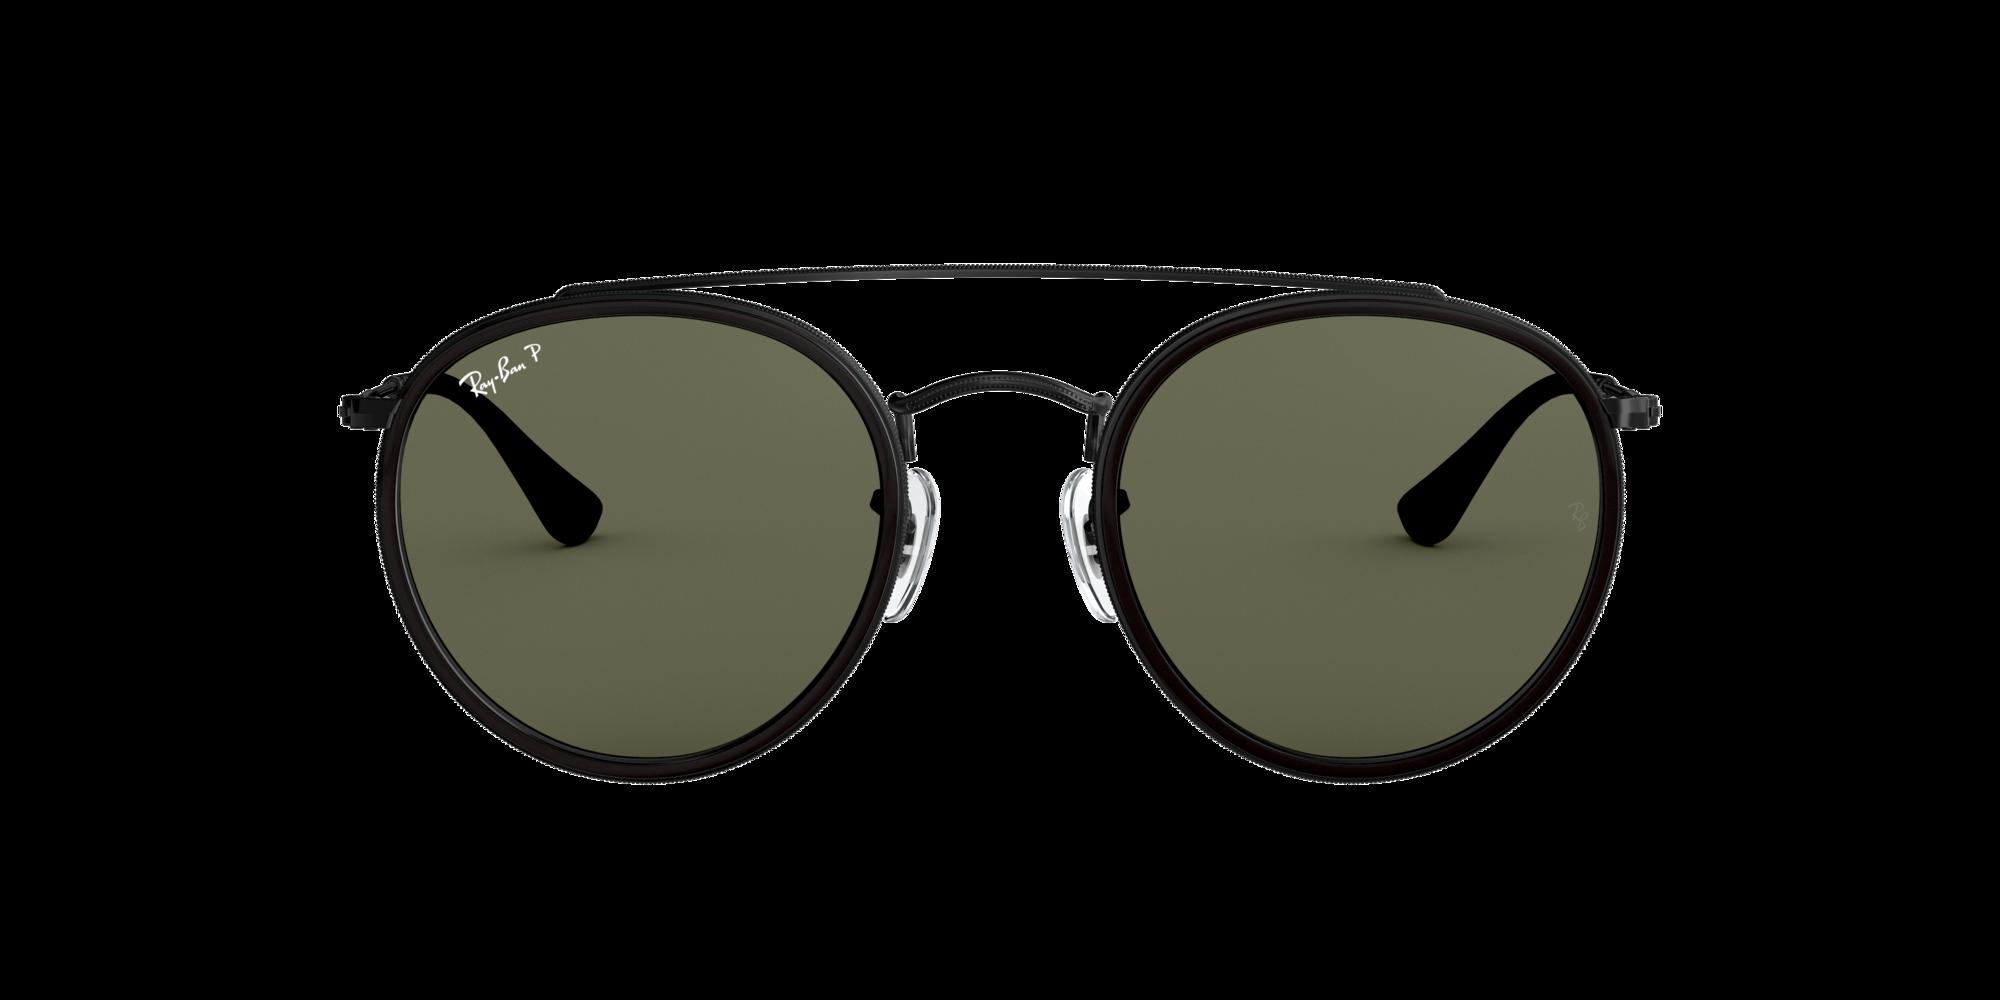 Imagen para RB3647N 51 de LensCrafters |  Espejuelos, espejuelos graduados en línea, gafas